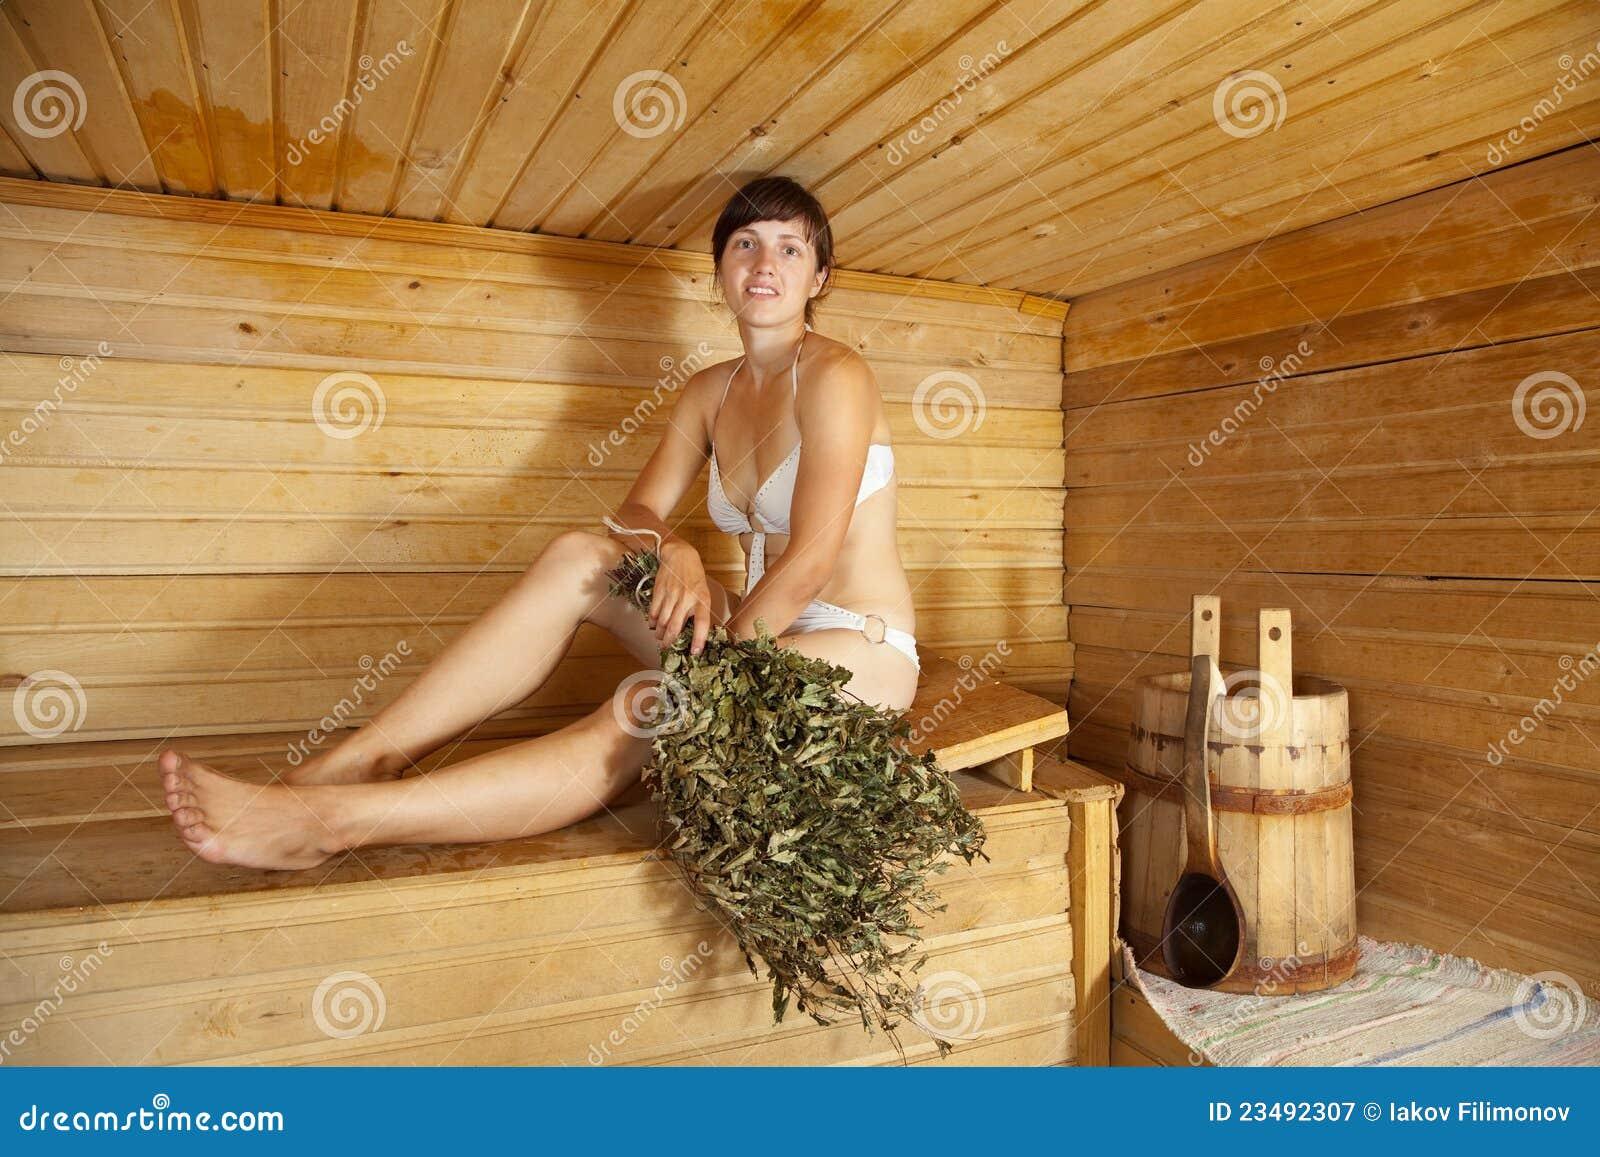 Русские девочки в сауне онлайн 17 фотография